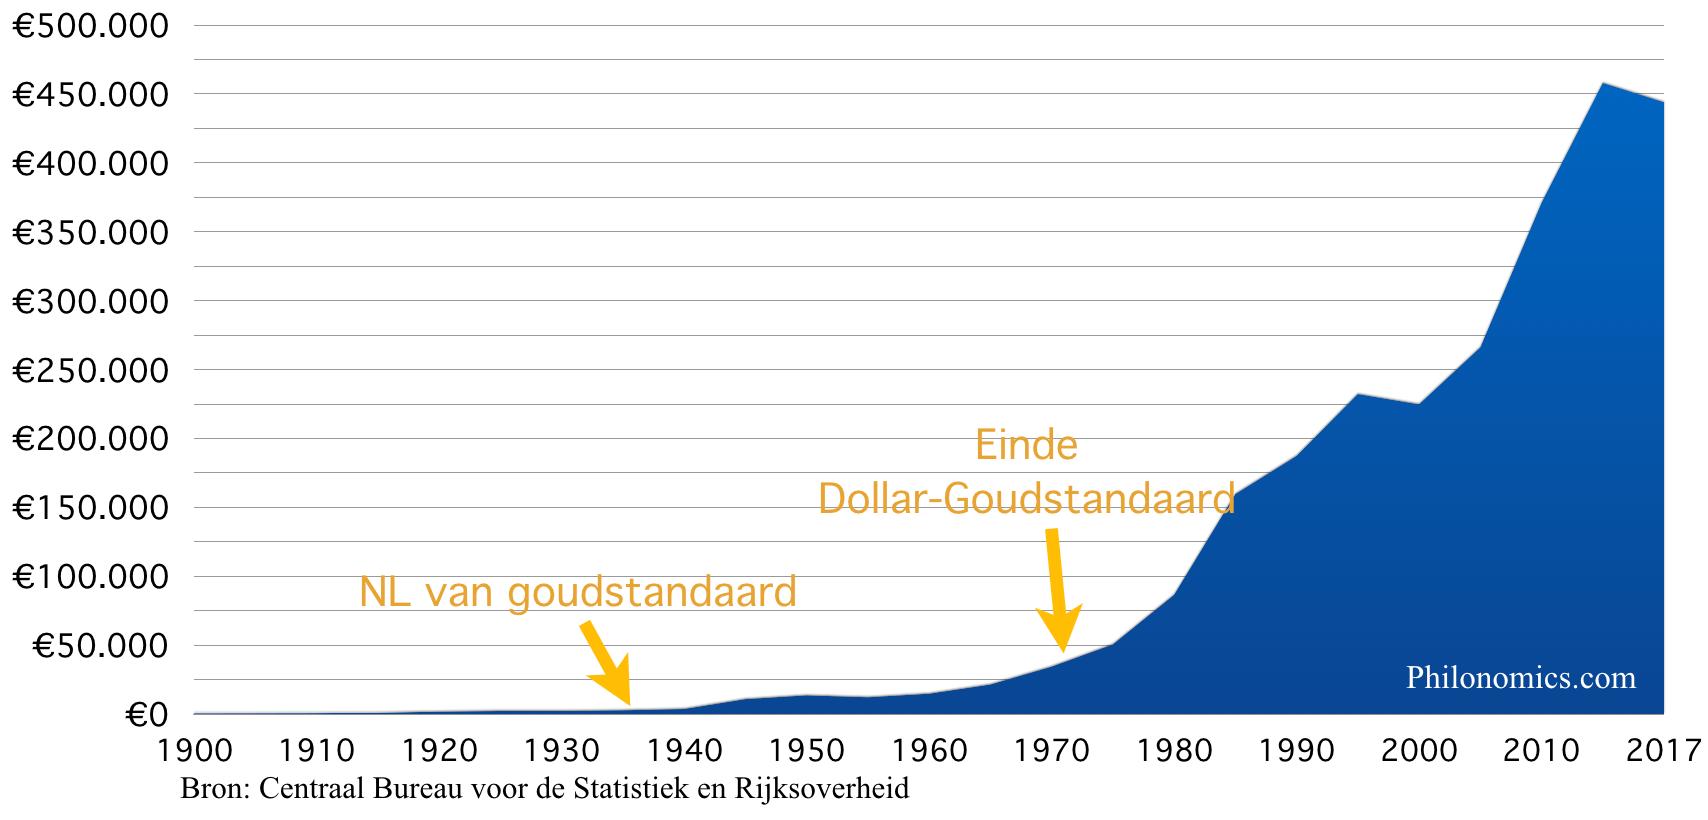 Staatsschuld Nederland 1900-2017 (in miljoenen €)